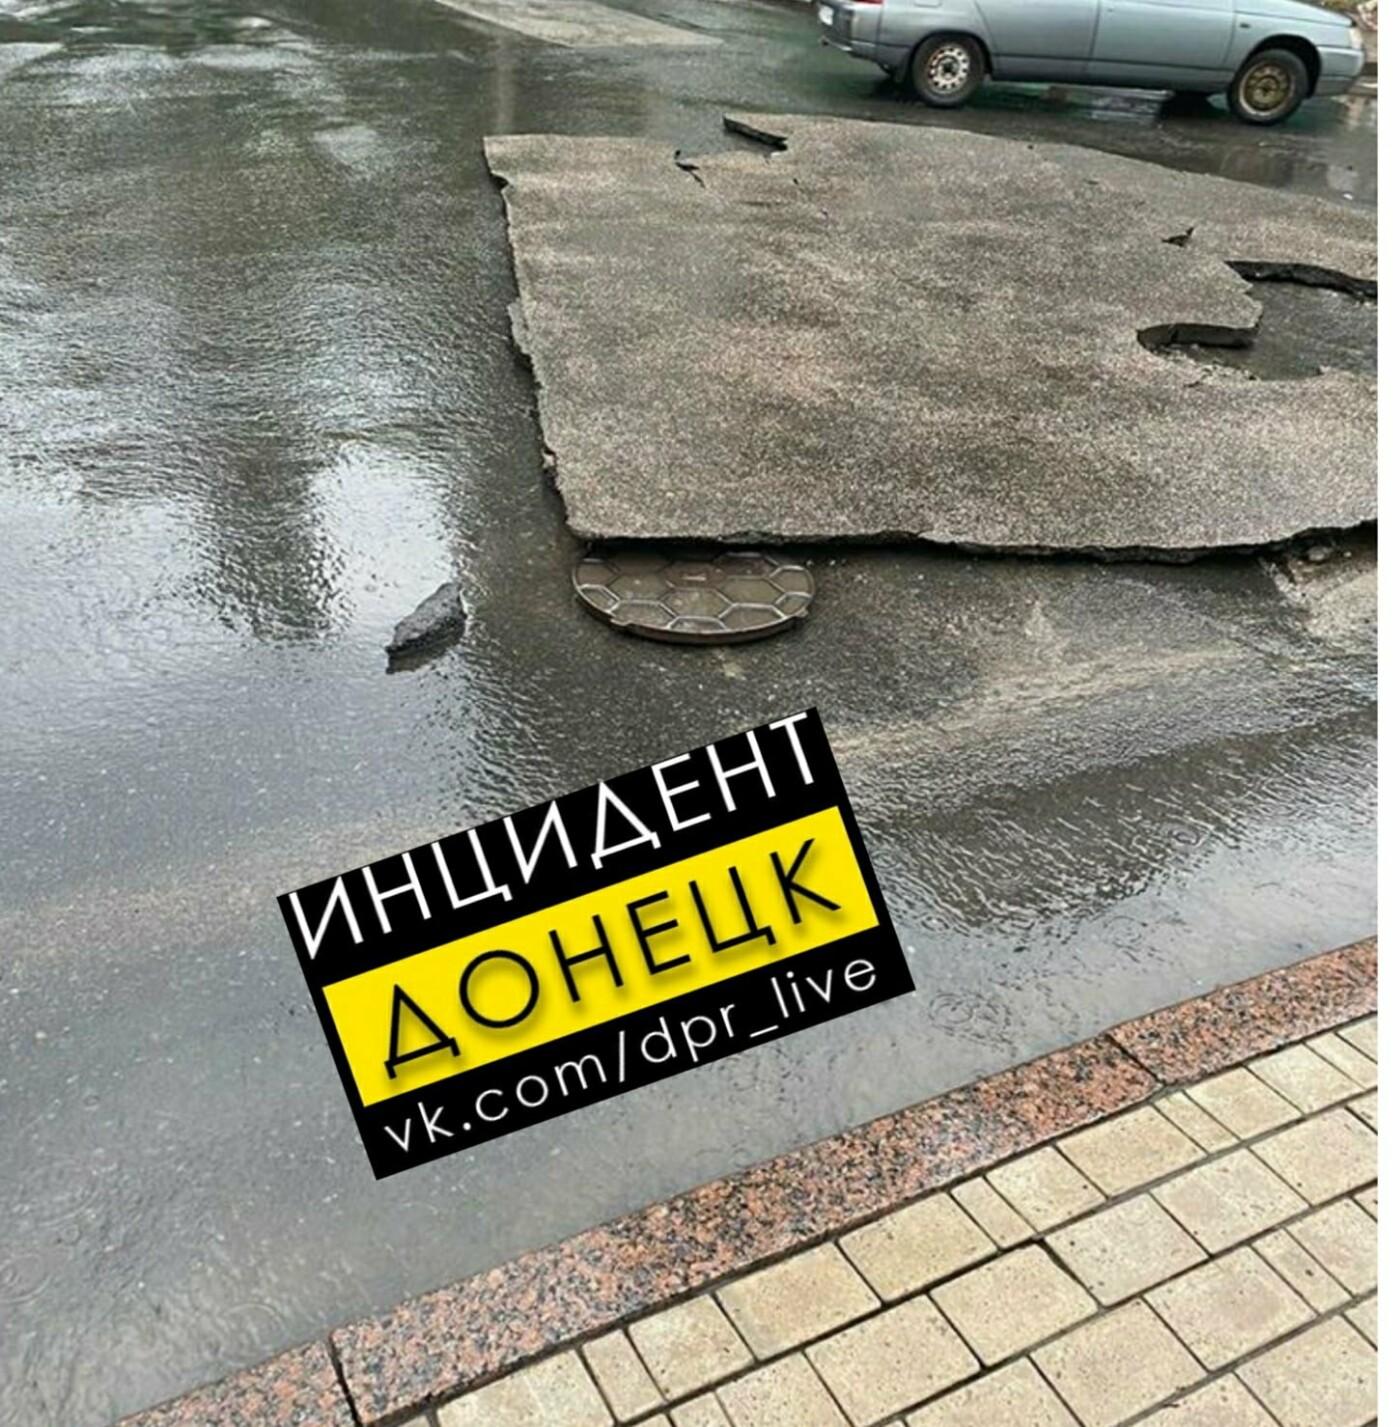 Над Донецком и Макеевкой пронесся ураган и страшный ливень: смерч сносил крыши домов, - ФОТО, ВИДЕО, фото-2